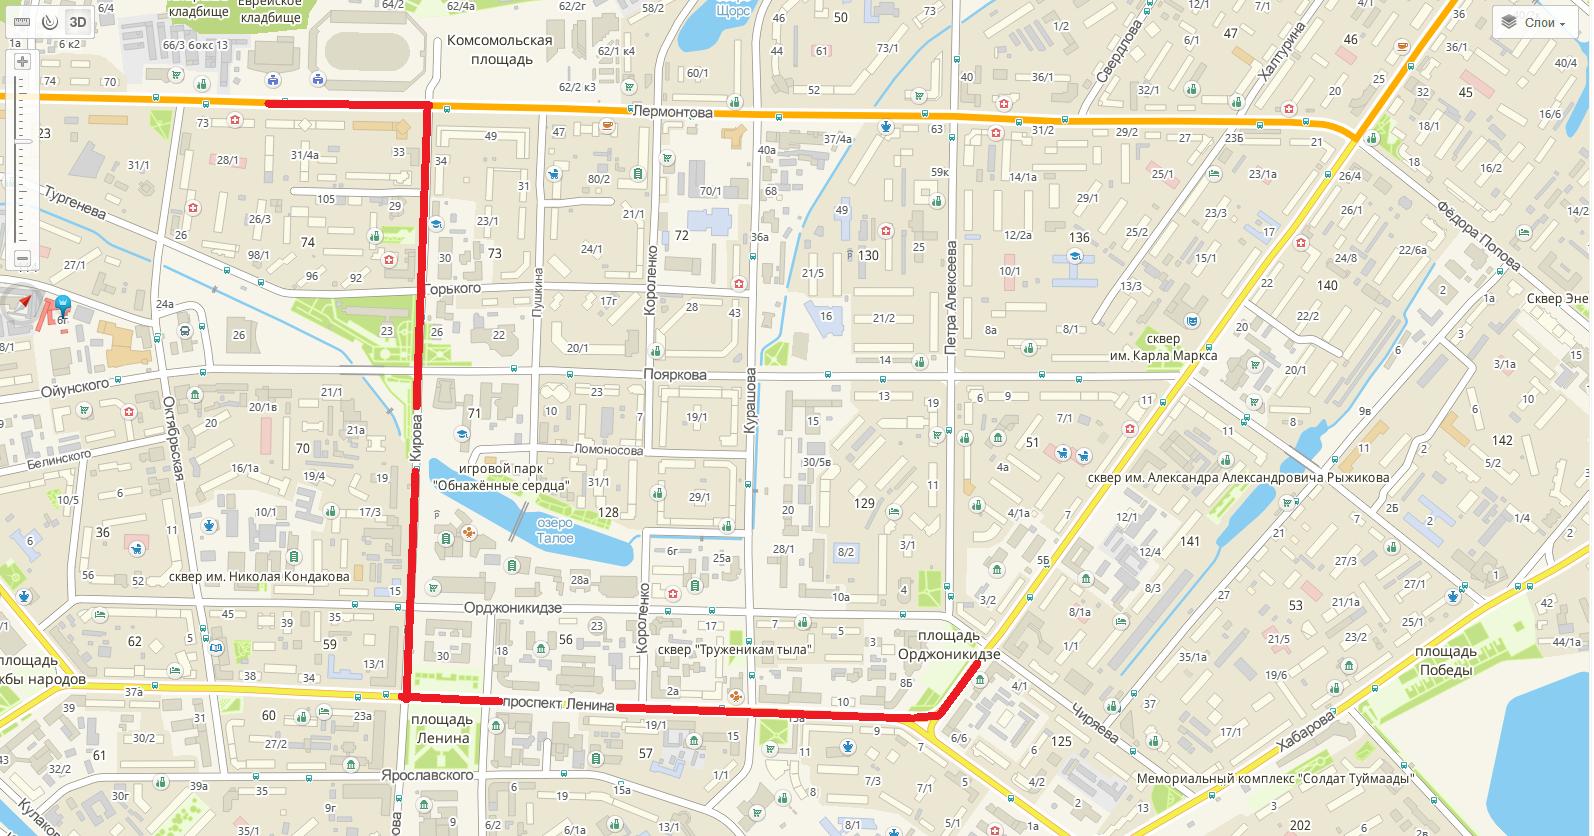 О временном перекрытии улиц в Якутске 23 декабря